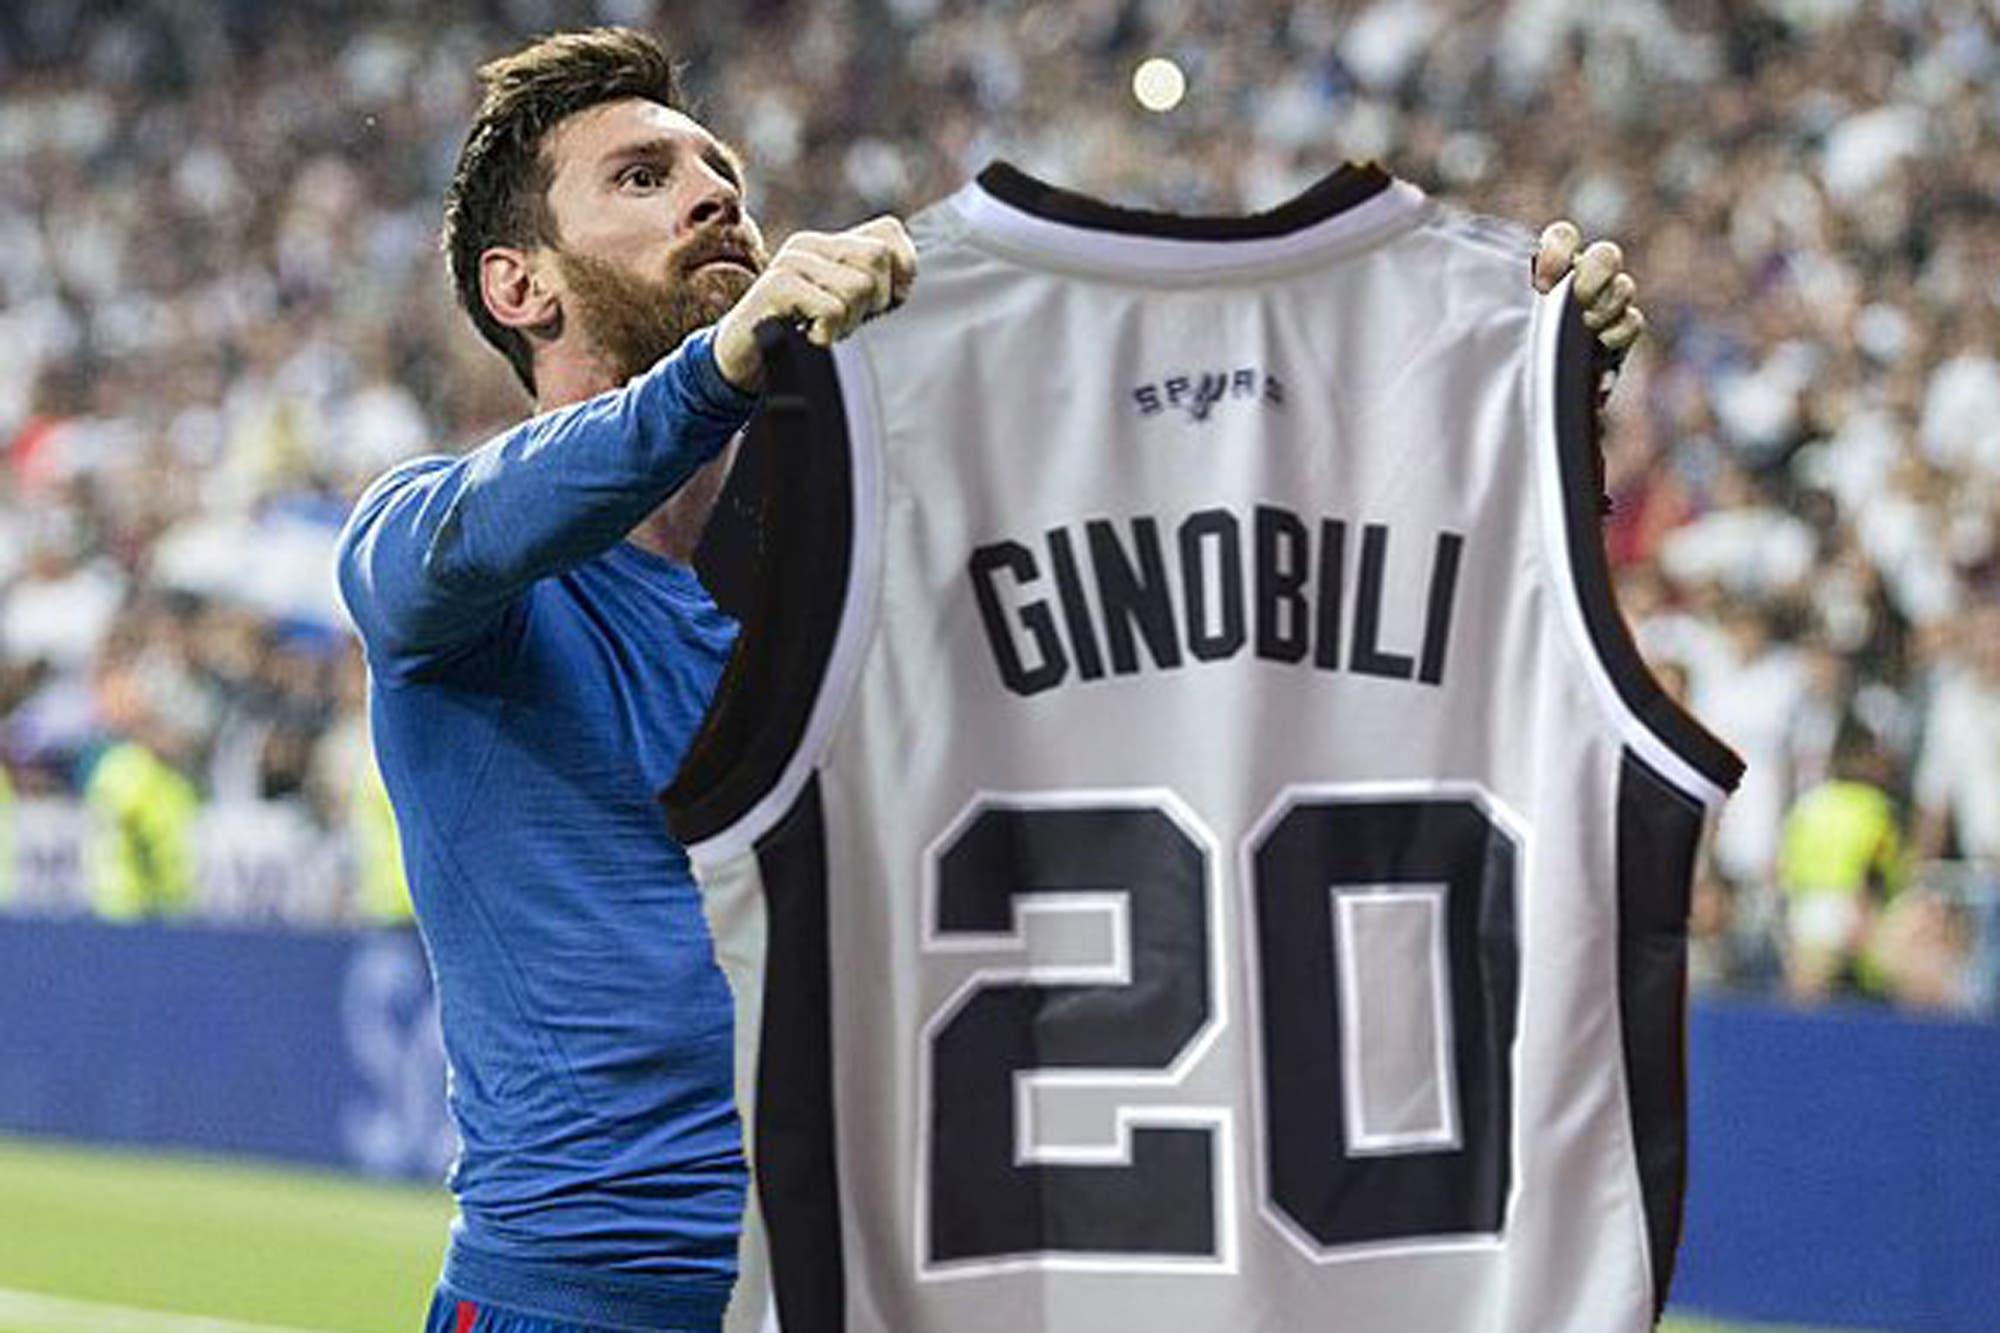 Los mejores memes del retiro de la camiseta de Manu Ginóbili